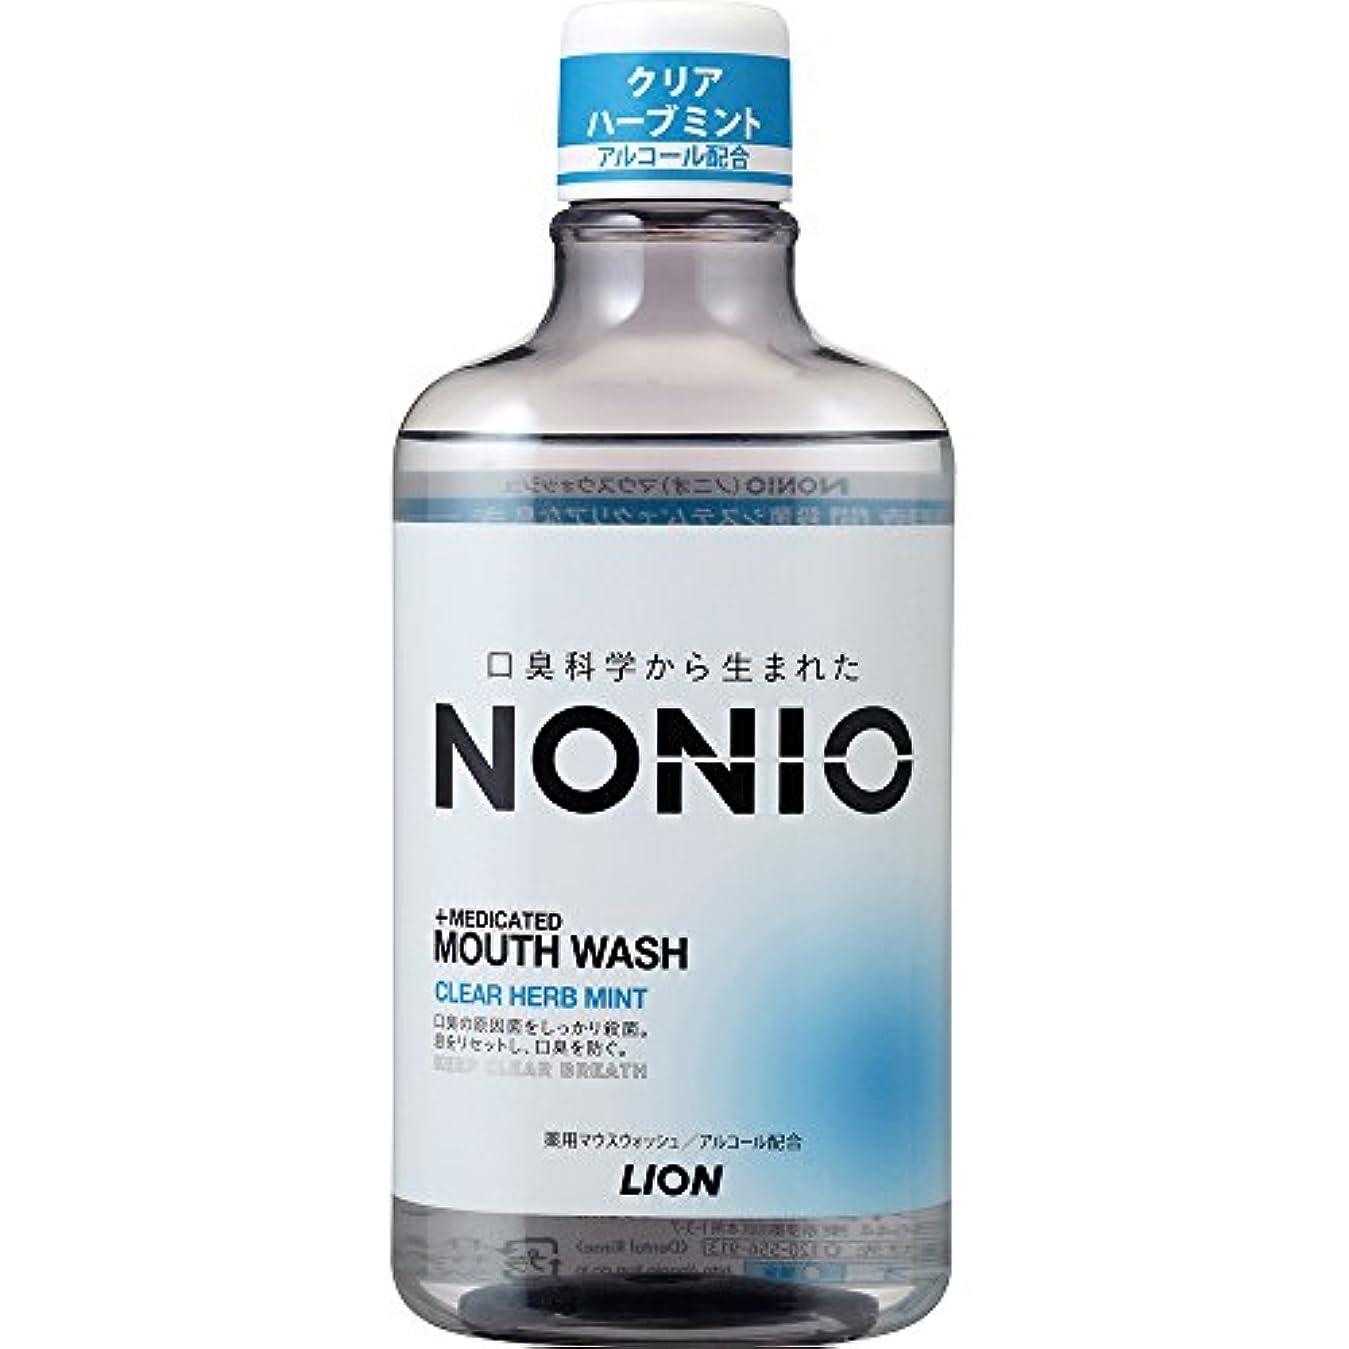 言うまでもなく州知恵NONIO(ノニオ) [医薬部外品]NONIO マウスウォッシュ クリアハーブミント 洗口液 単品 600ml